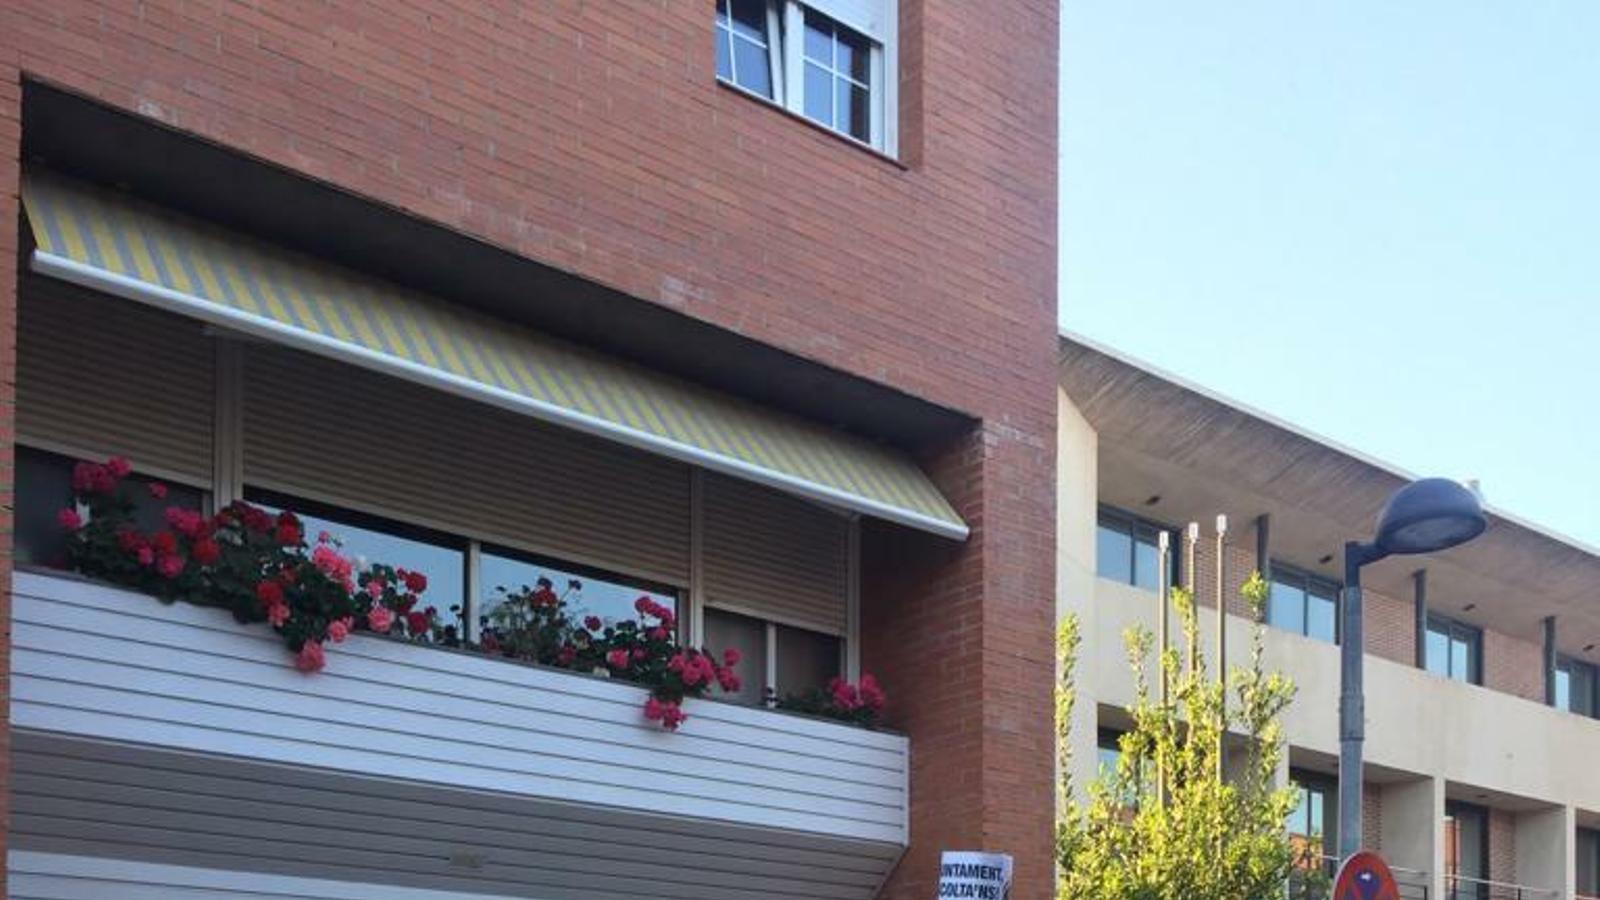 Creix la tensió veïnal a Rubí per l'obertura d'un centre de menors estrangers